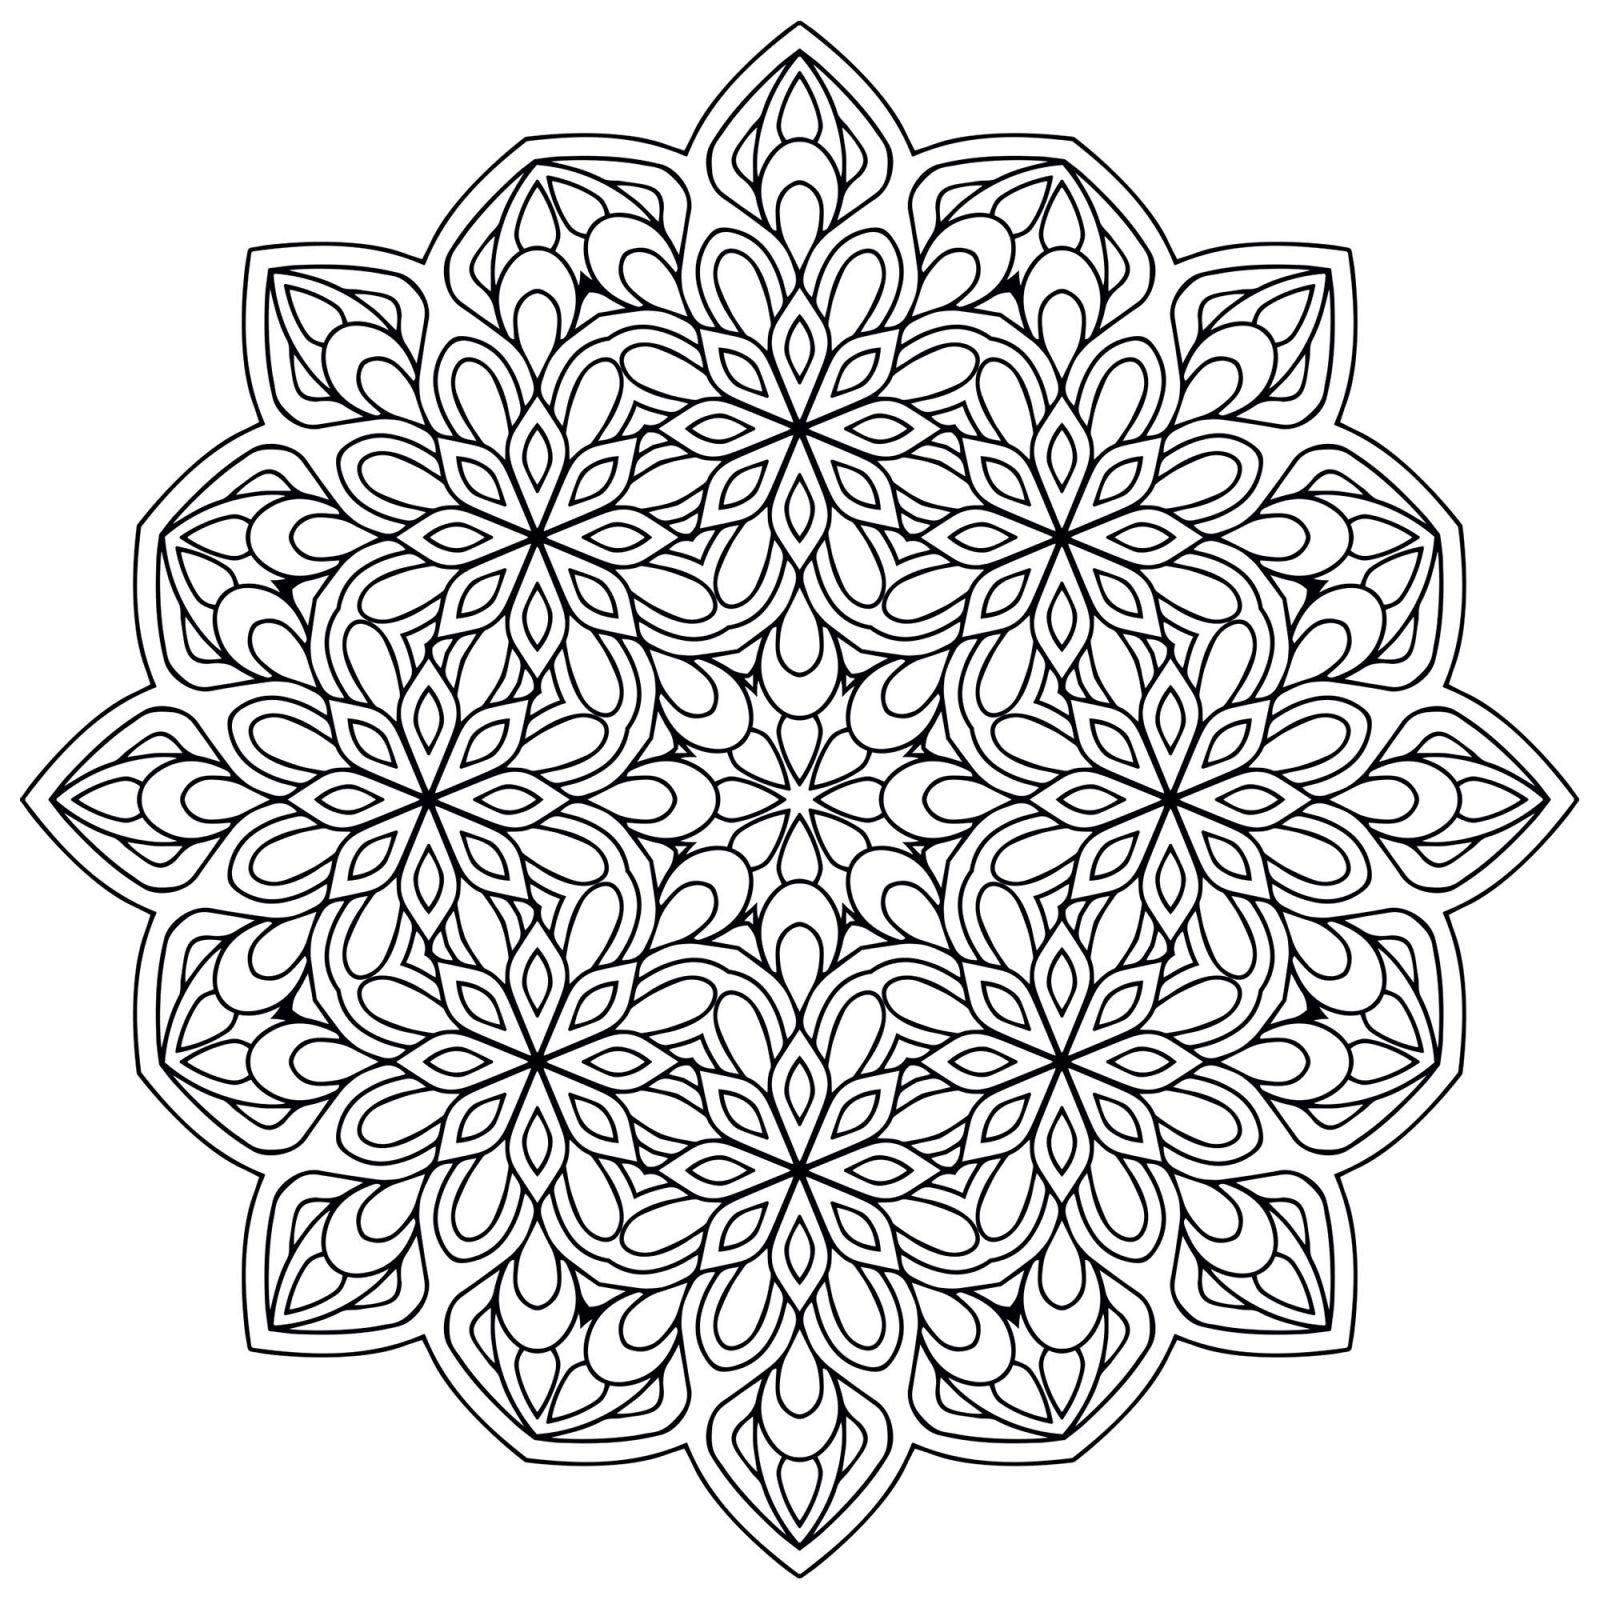 Coloriage Mandala Anti Stress   Coloriages À Imprimer Gratuits dedans Coloriage De Mandala Difficile A Imprimer